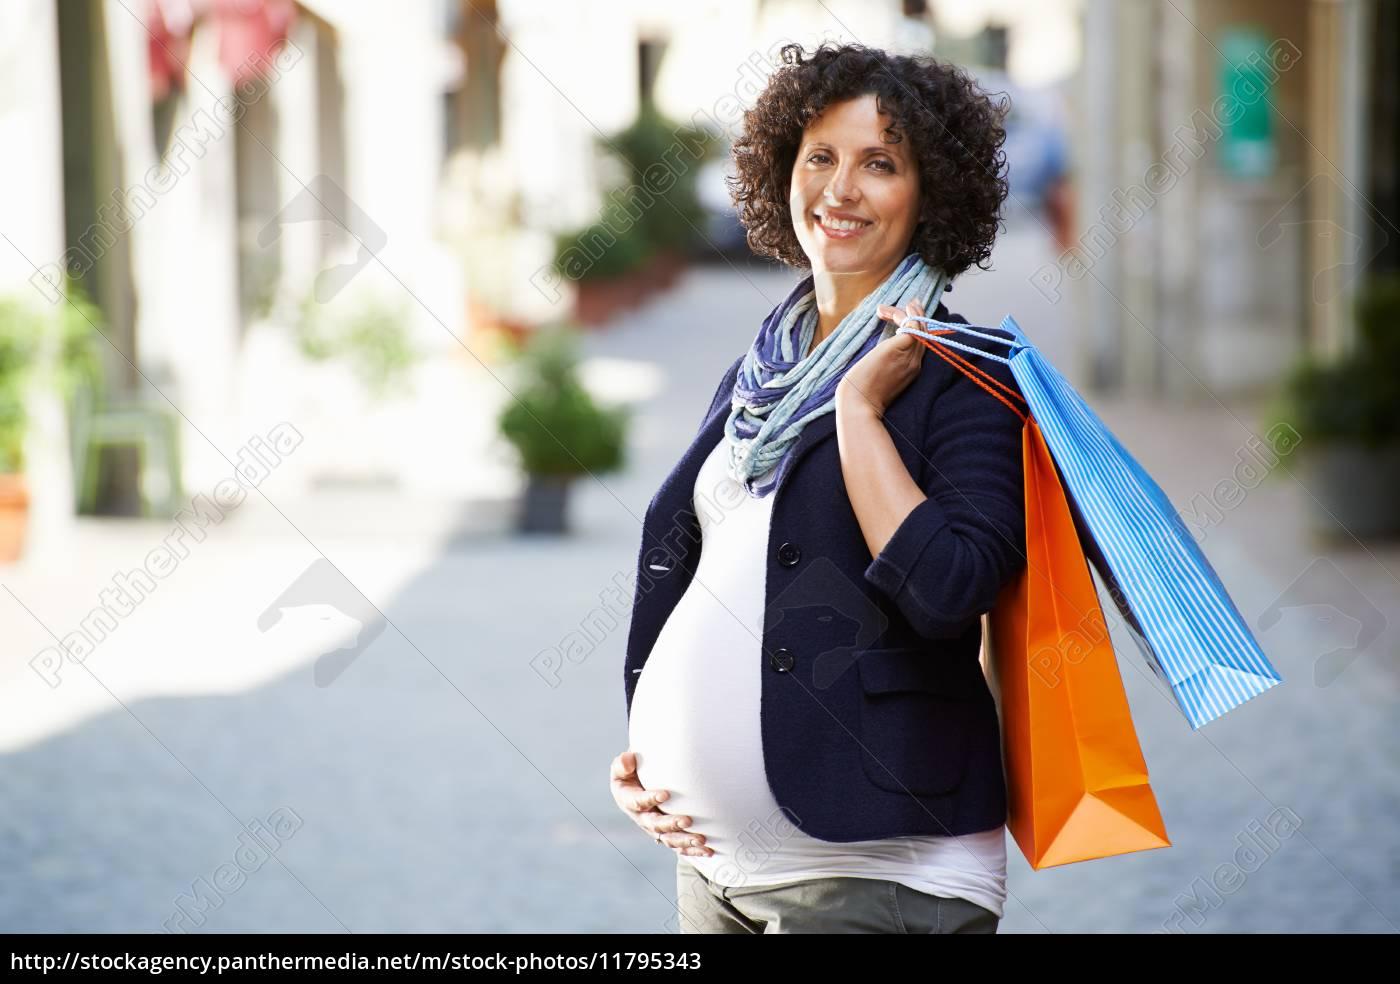 porträt, glücklicher, und, lächelnder, schwangerer, frau - 11795343